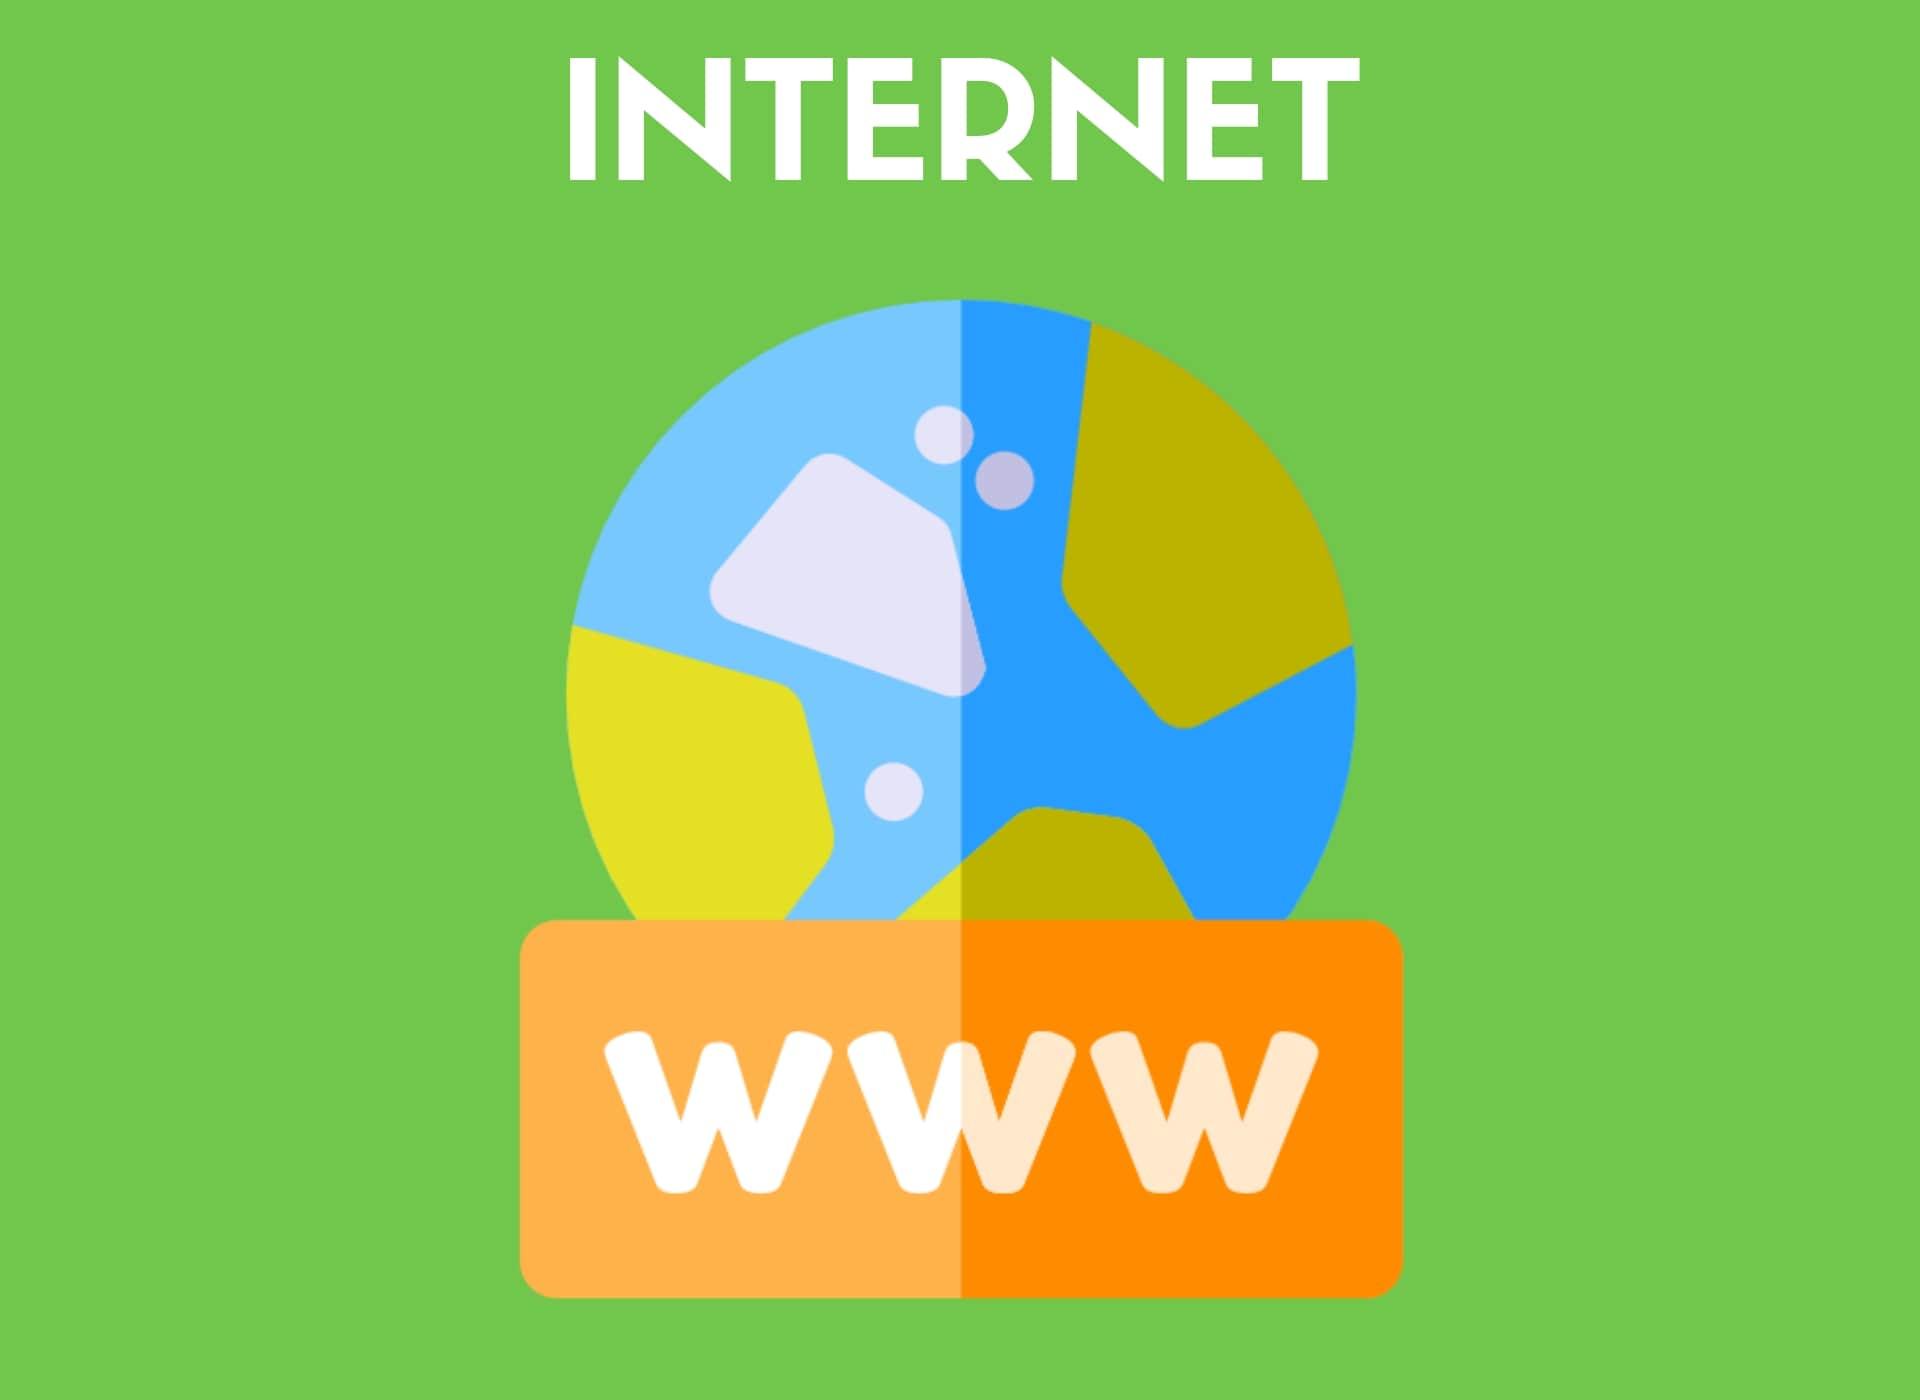 Curso Internet básico